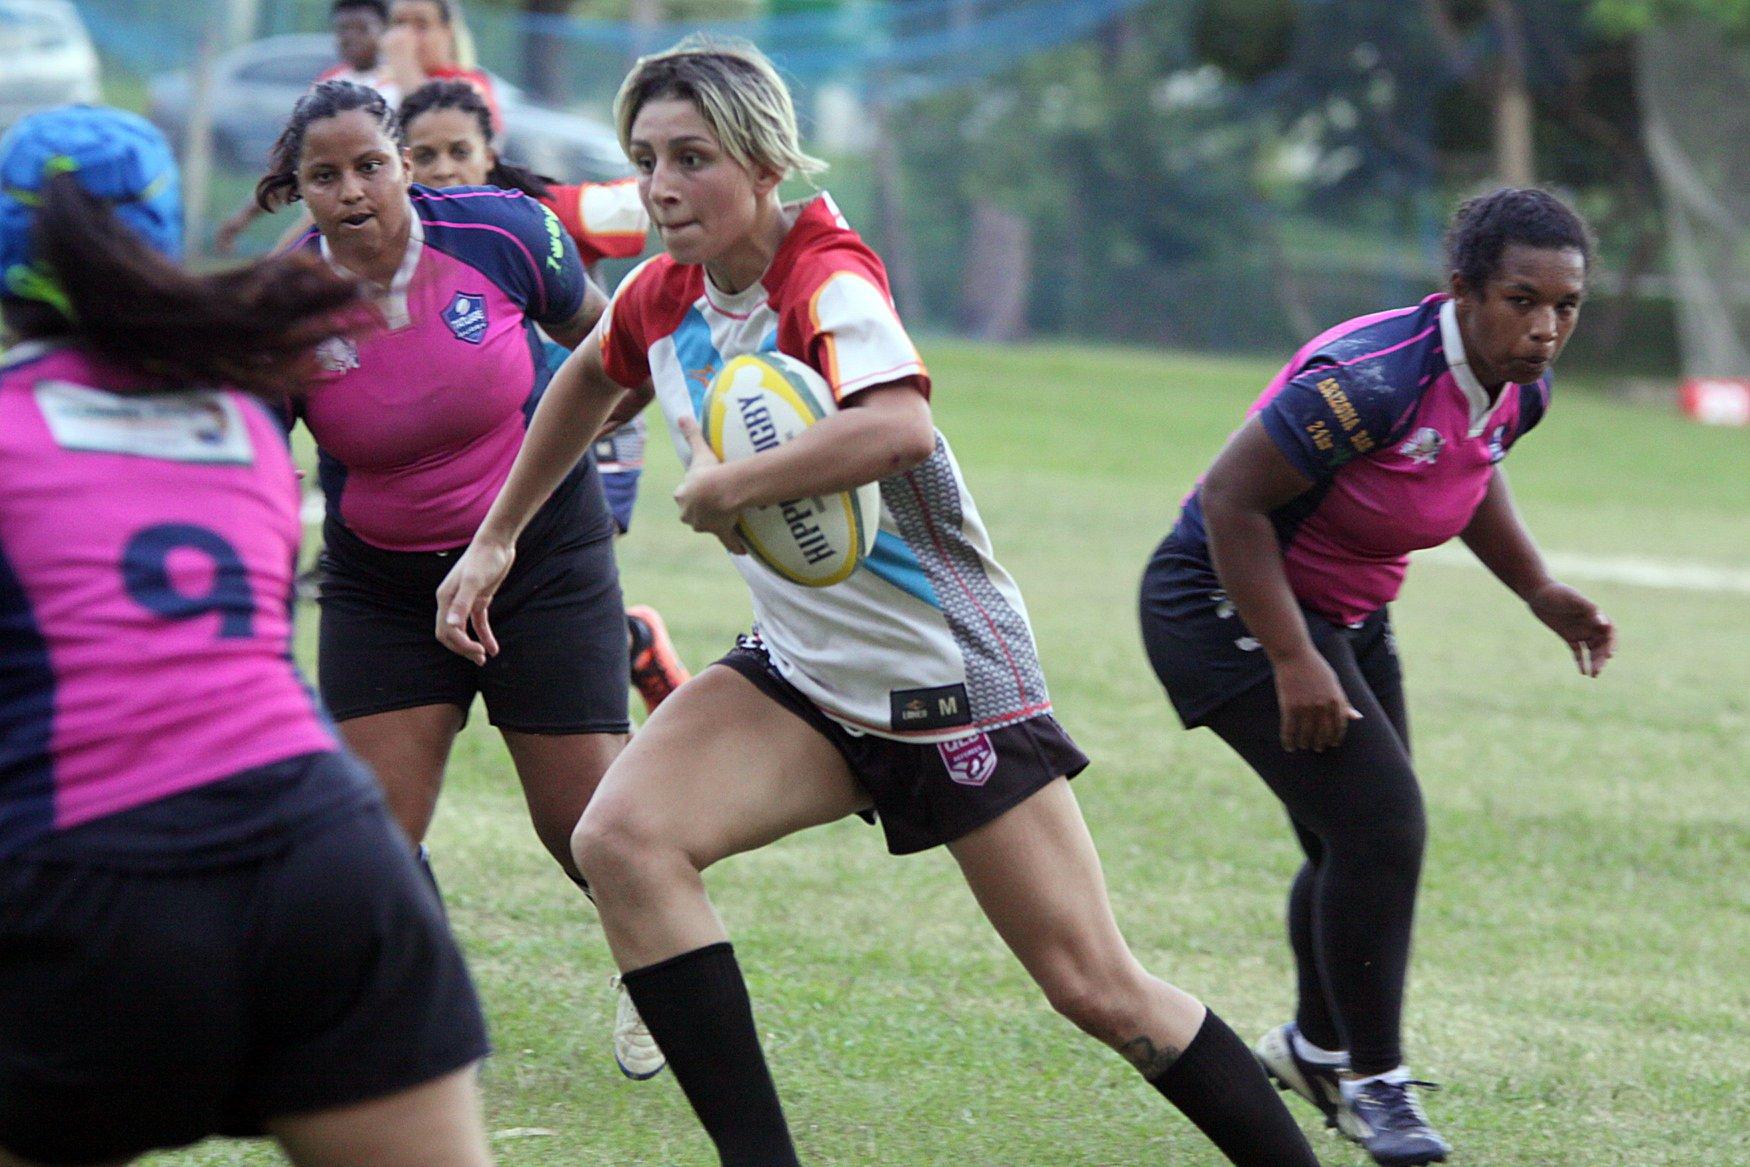 Federaçaõ Paulista de Rugby League formed